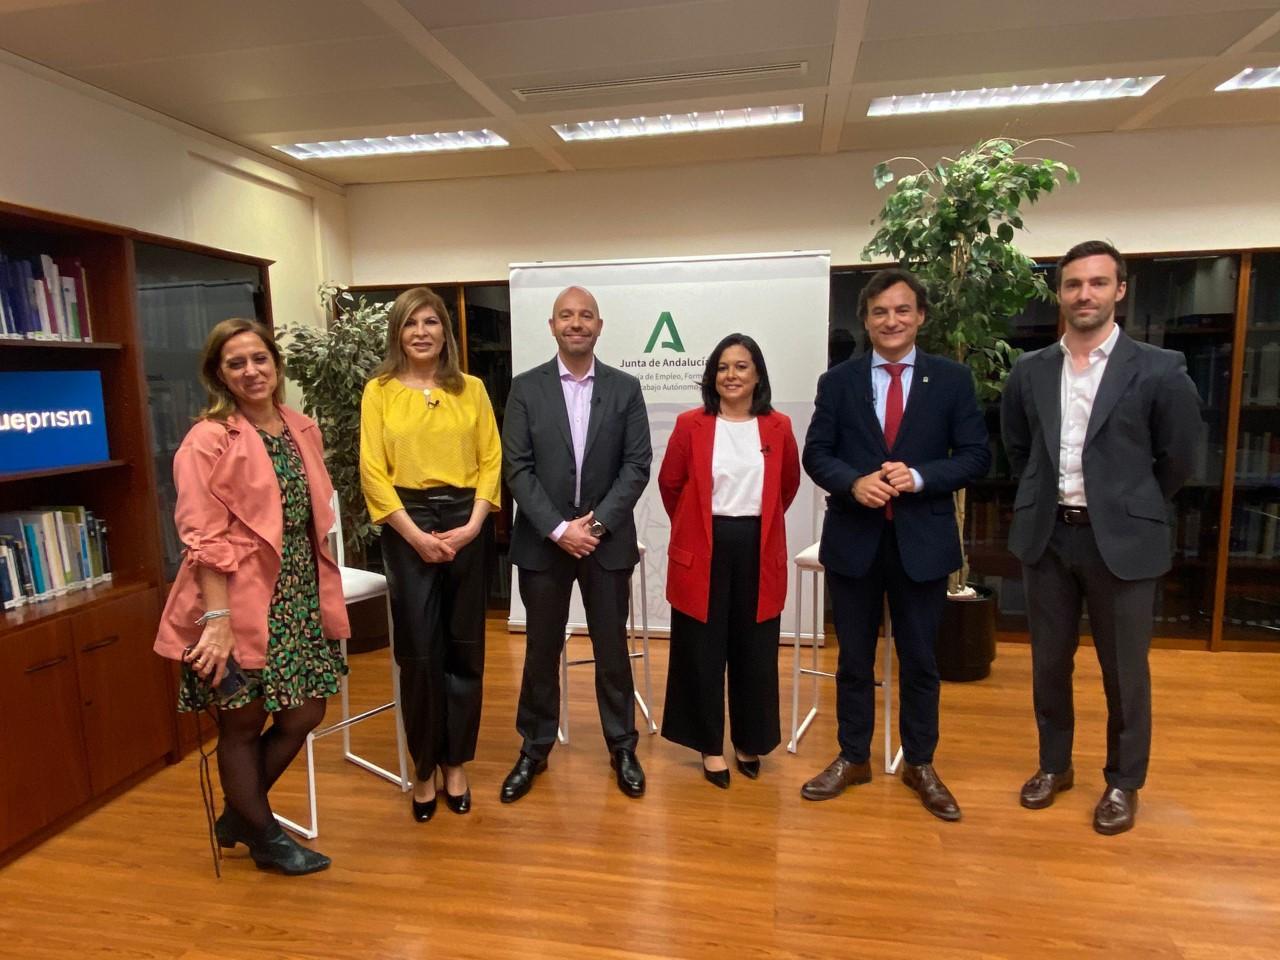 La Junta de Andalucía presenta el caso de éxito de la automatización de las ayudas a trabajadores y pymes